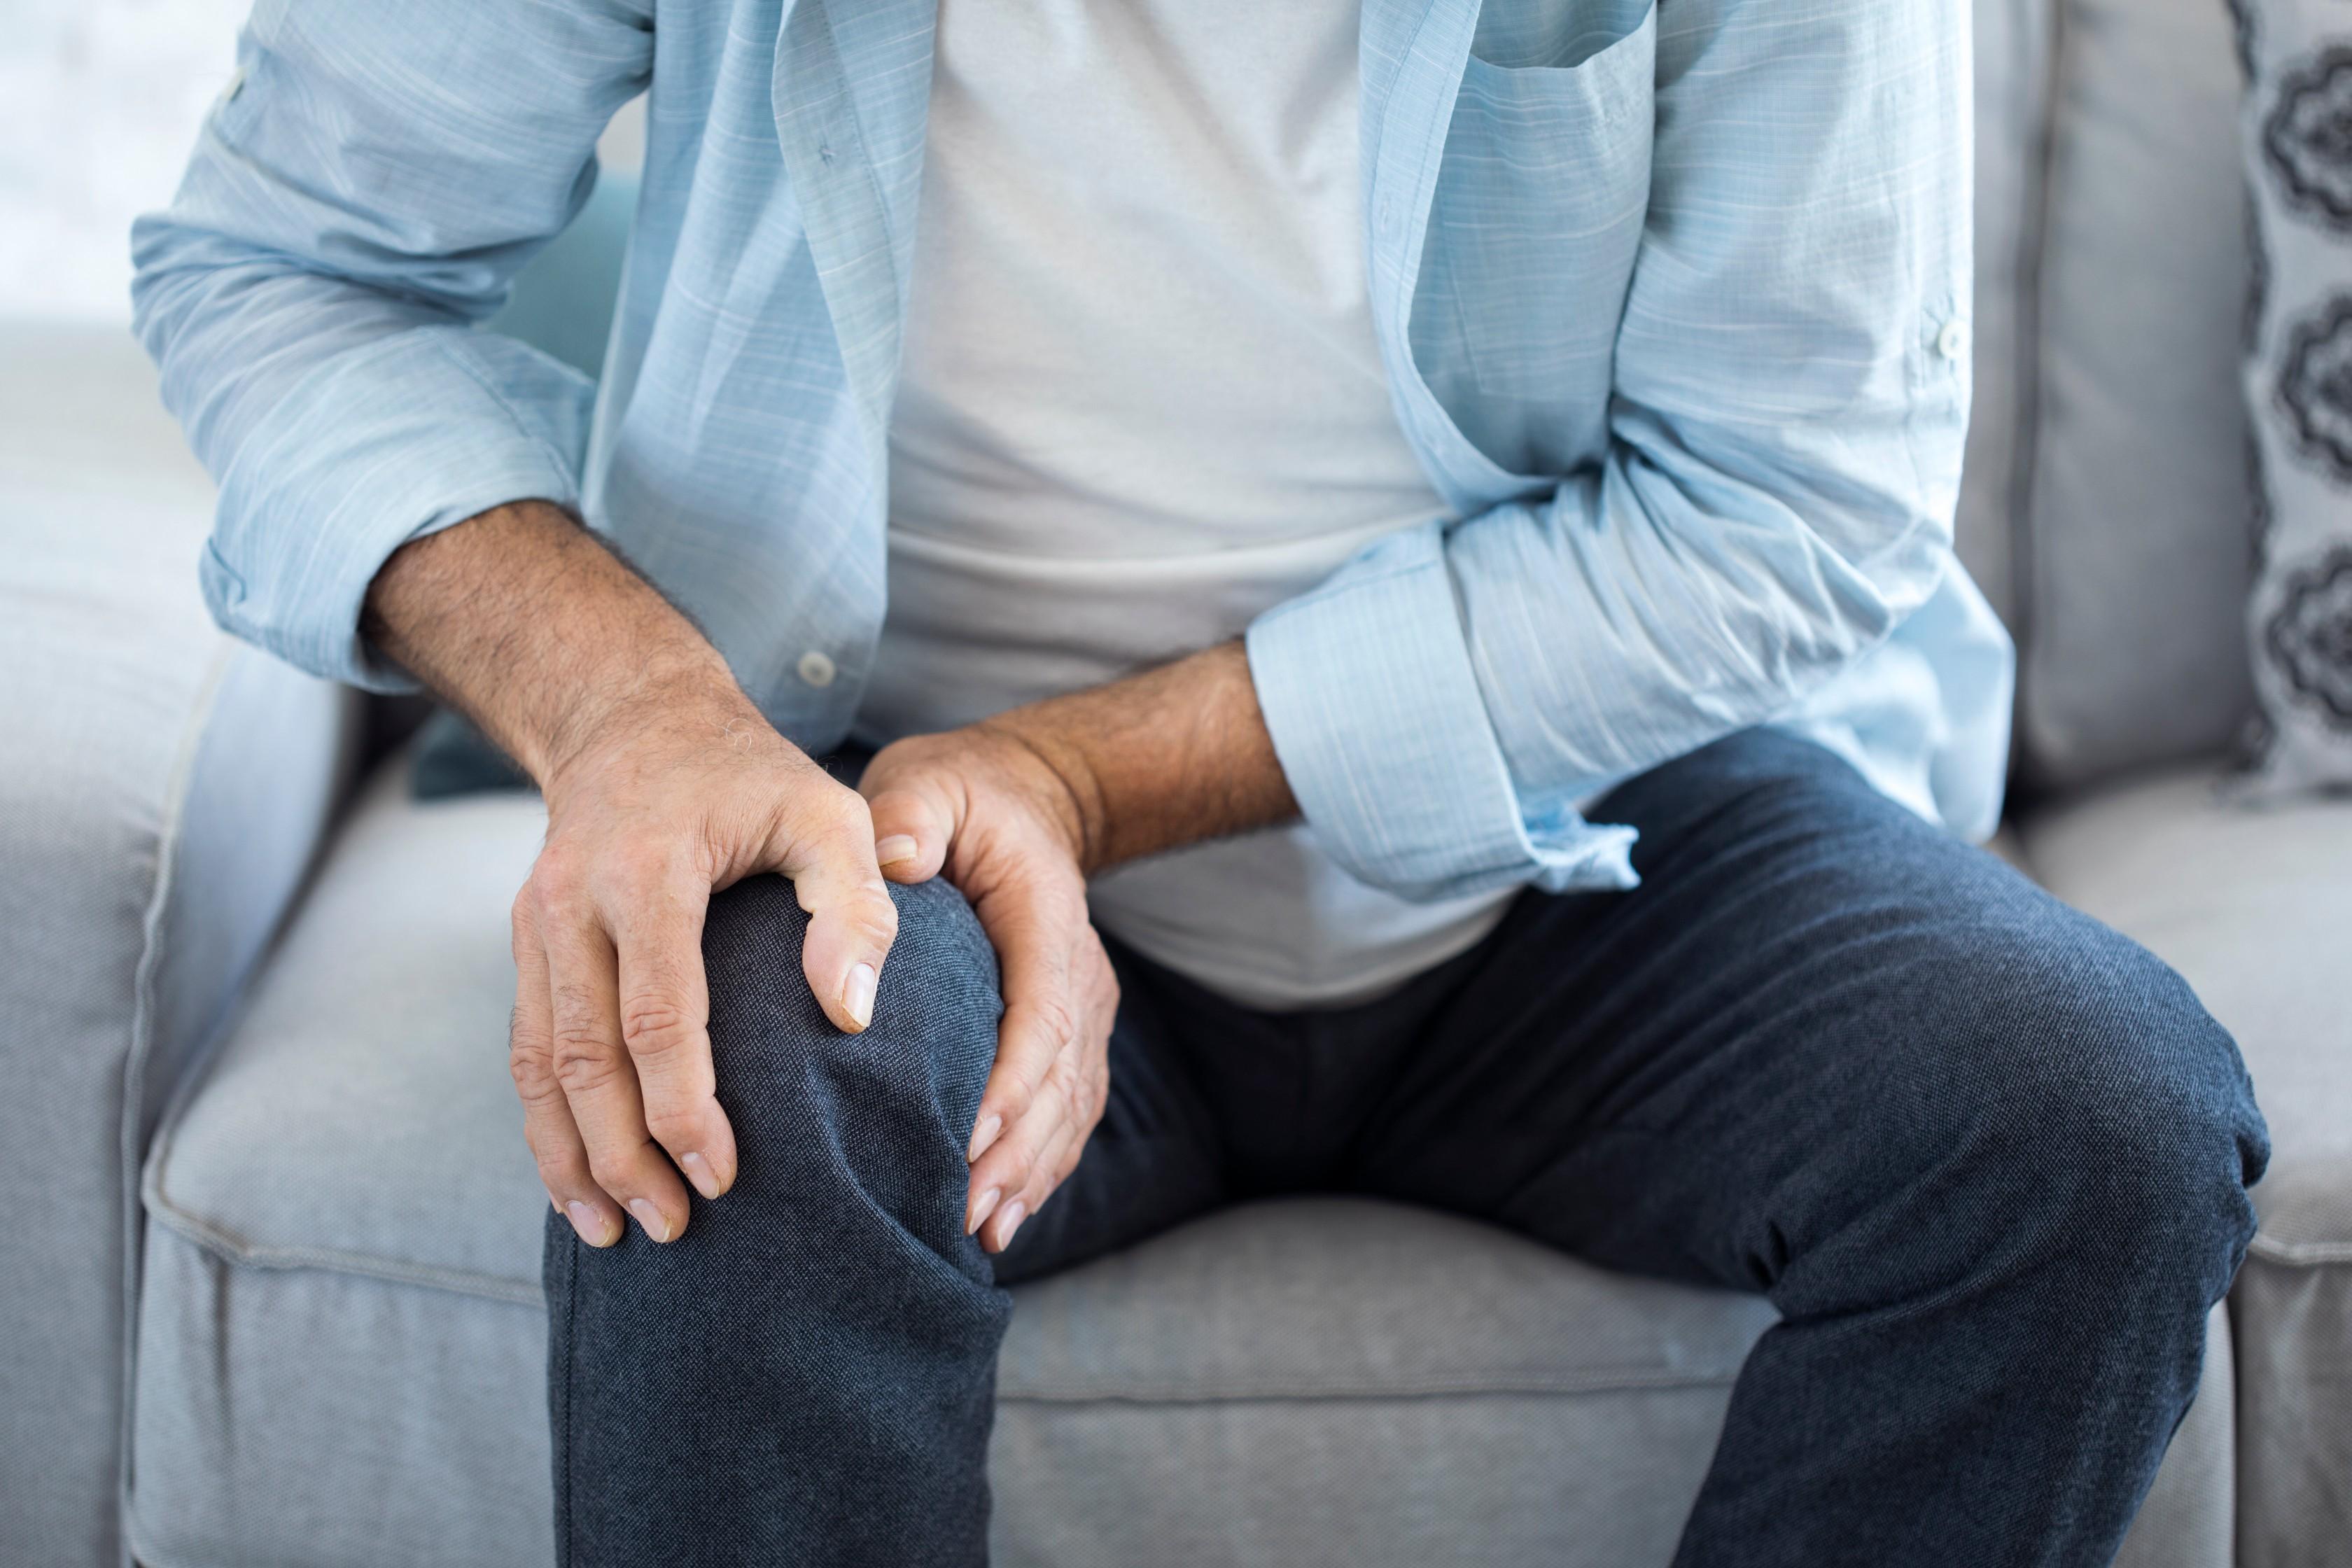 uhf ízületi fájdalmak esetén